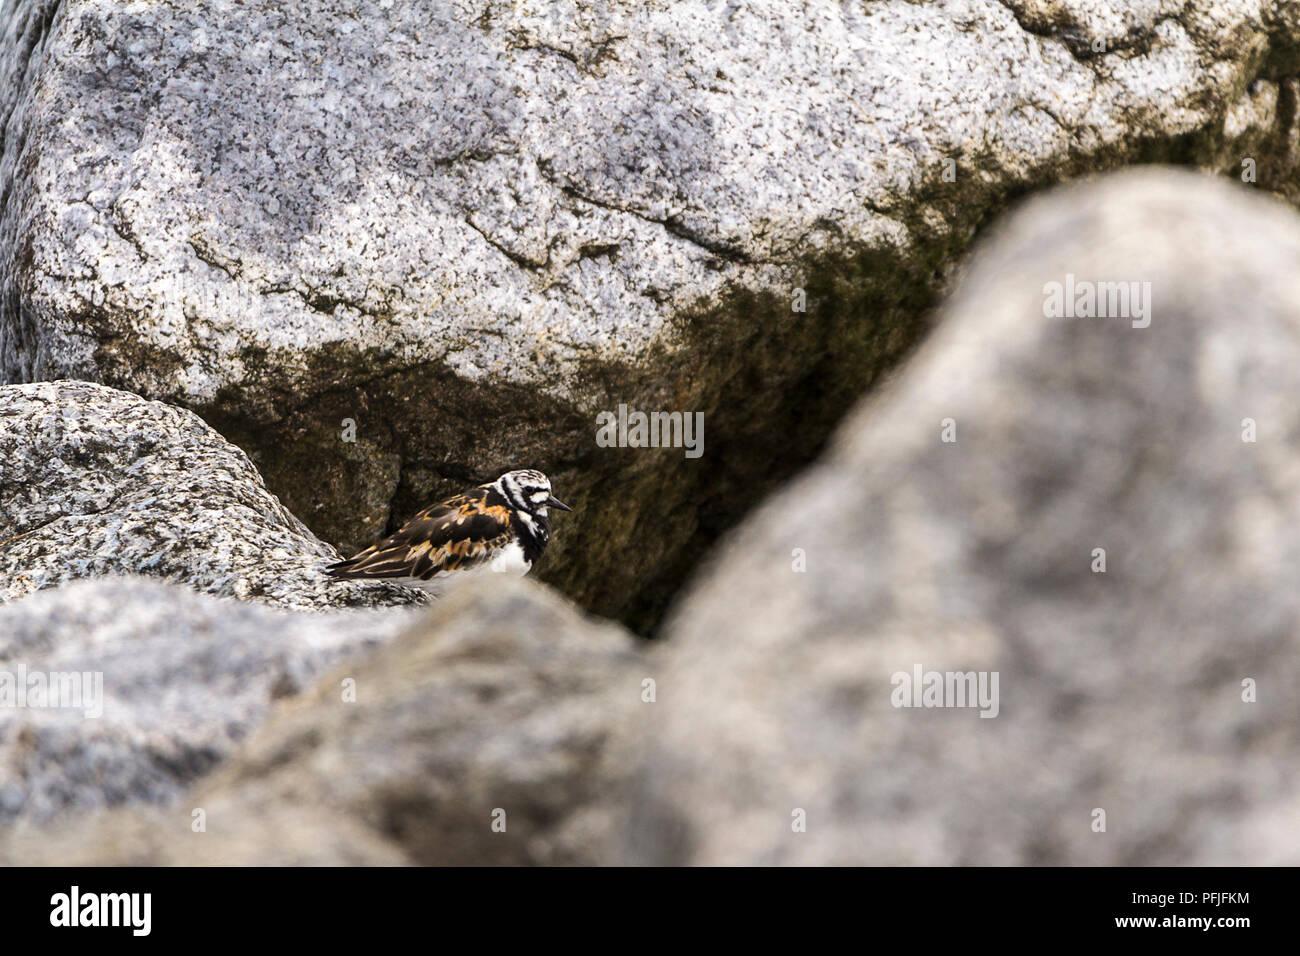 Turnstone (Arenaria interpres) Besucher der britischen Küste auf Felsen auf der Buche in Shoreham vom Meer aus Großbritannien. Orange Braun zurück schwarze und weisse Abzeichen an Kopf Stockbild